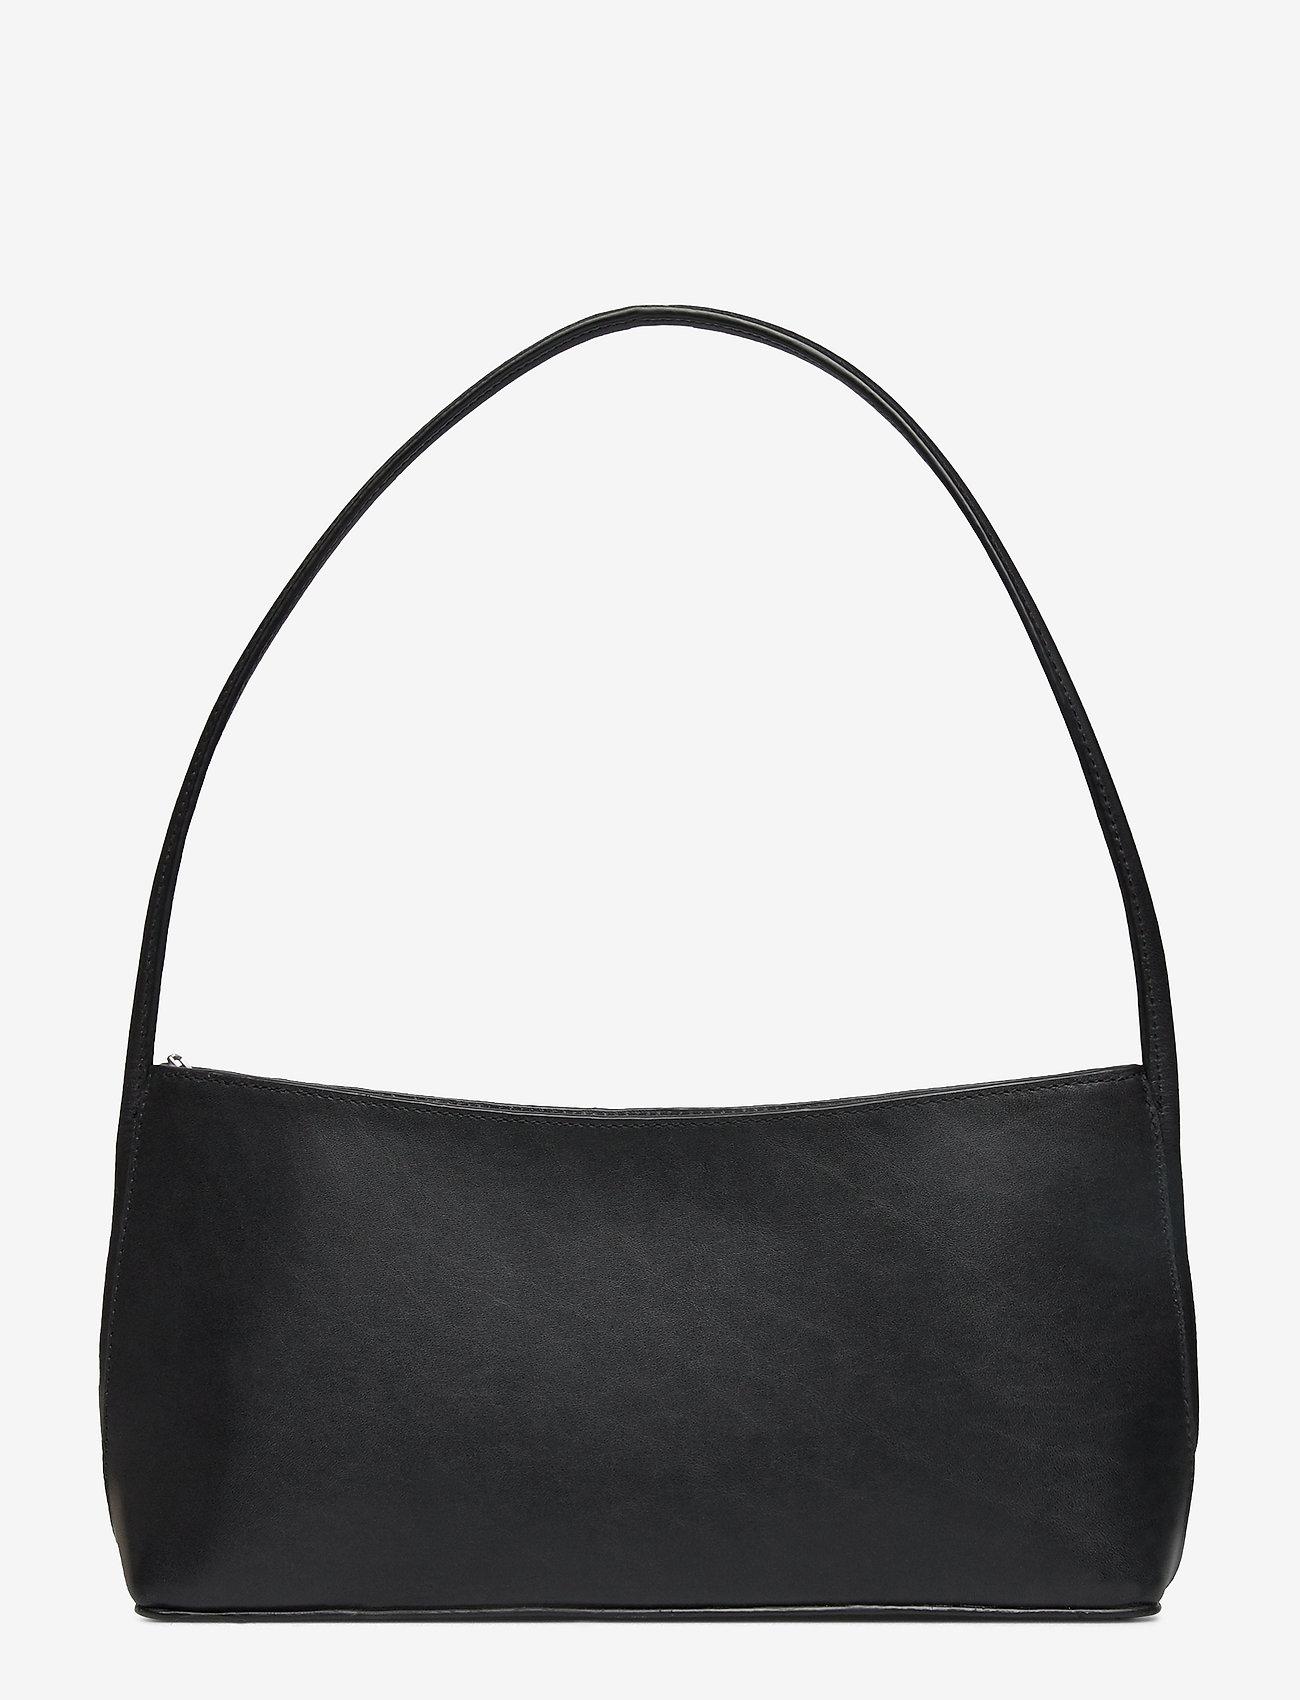 VAGABOND - VERONA - väskor - black - 1